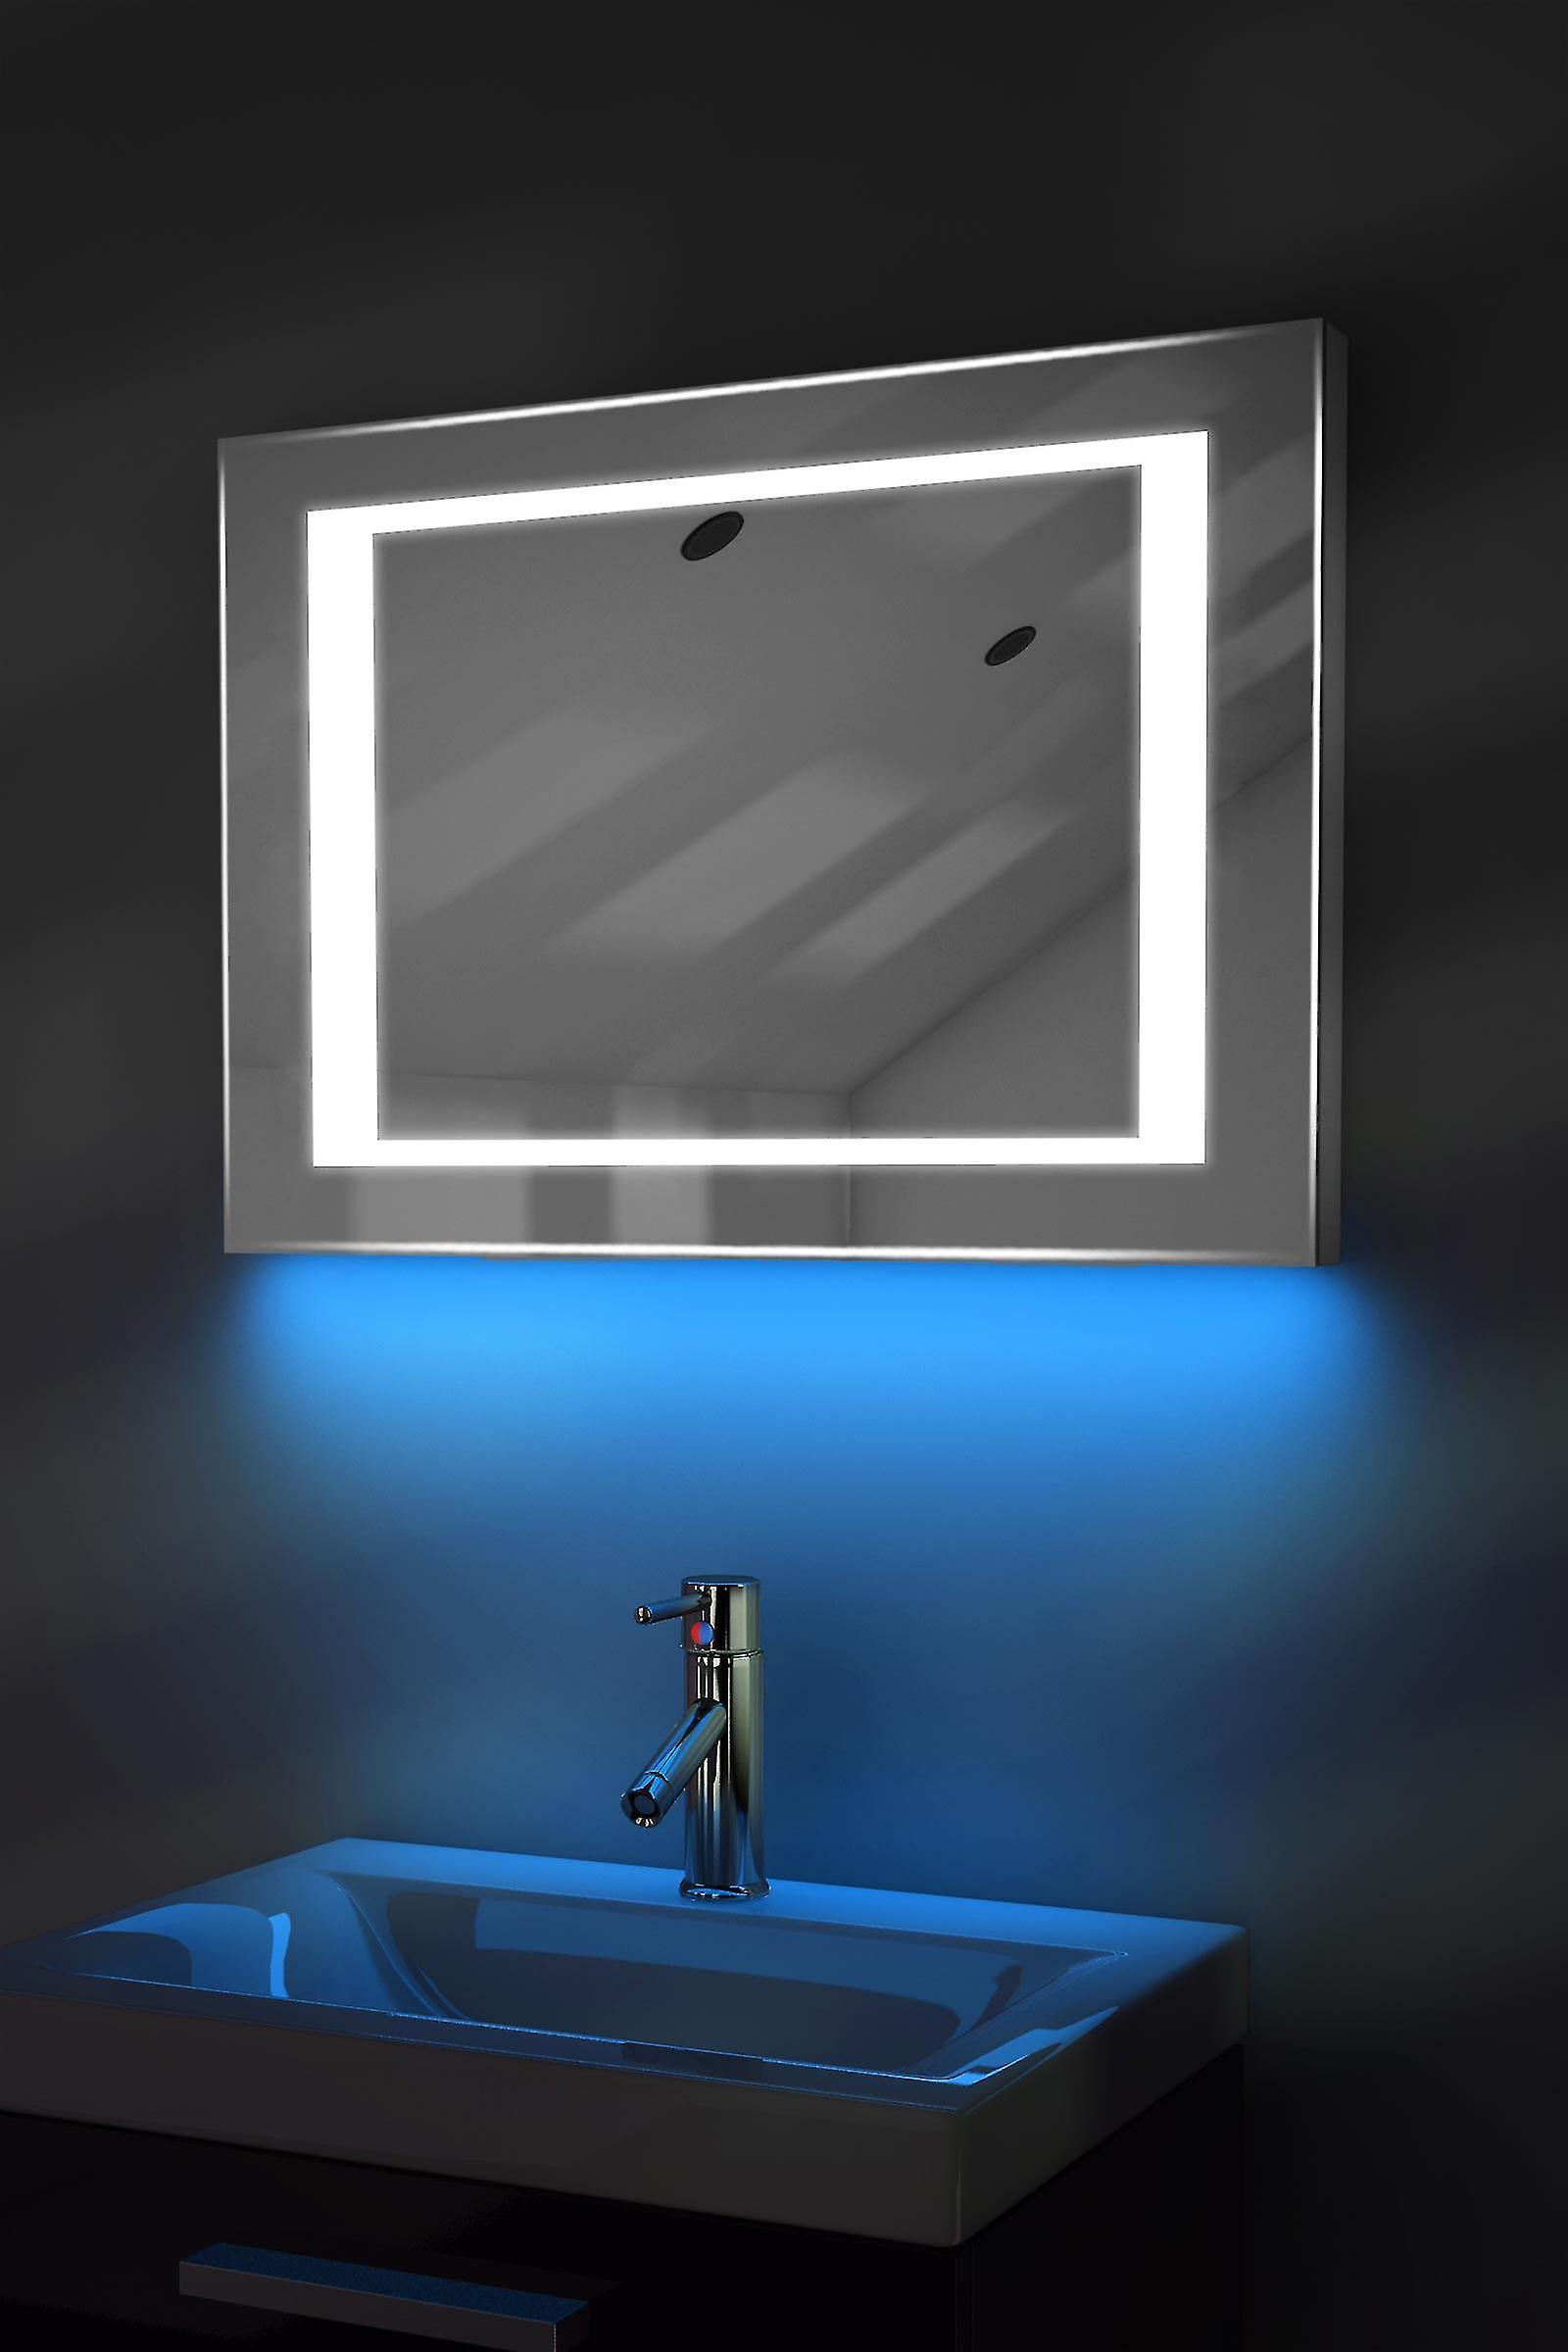 Auto couleur changement RGB LED miroir avec désembuage & K48irgb capteur